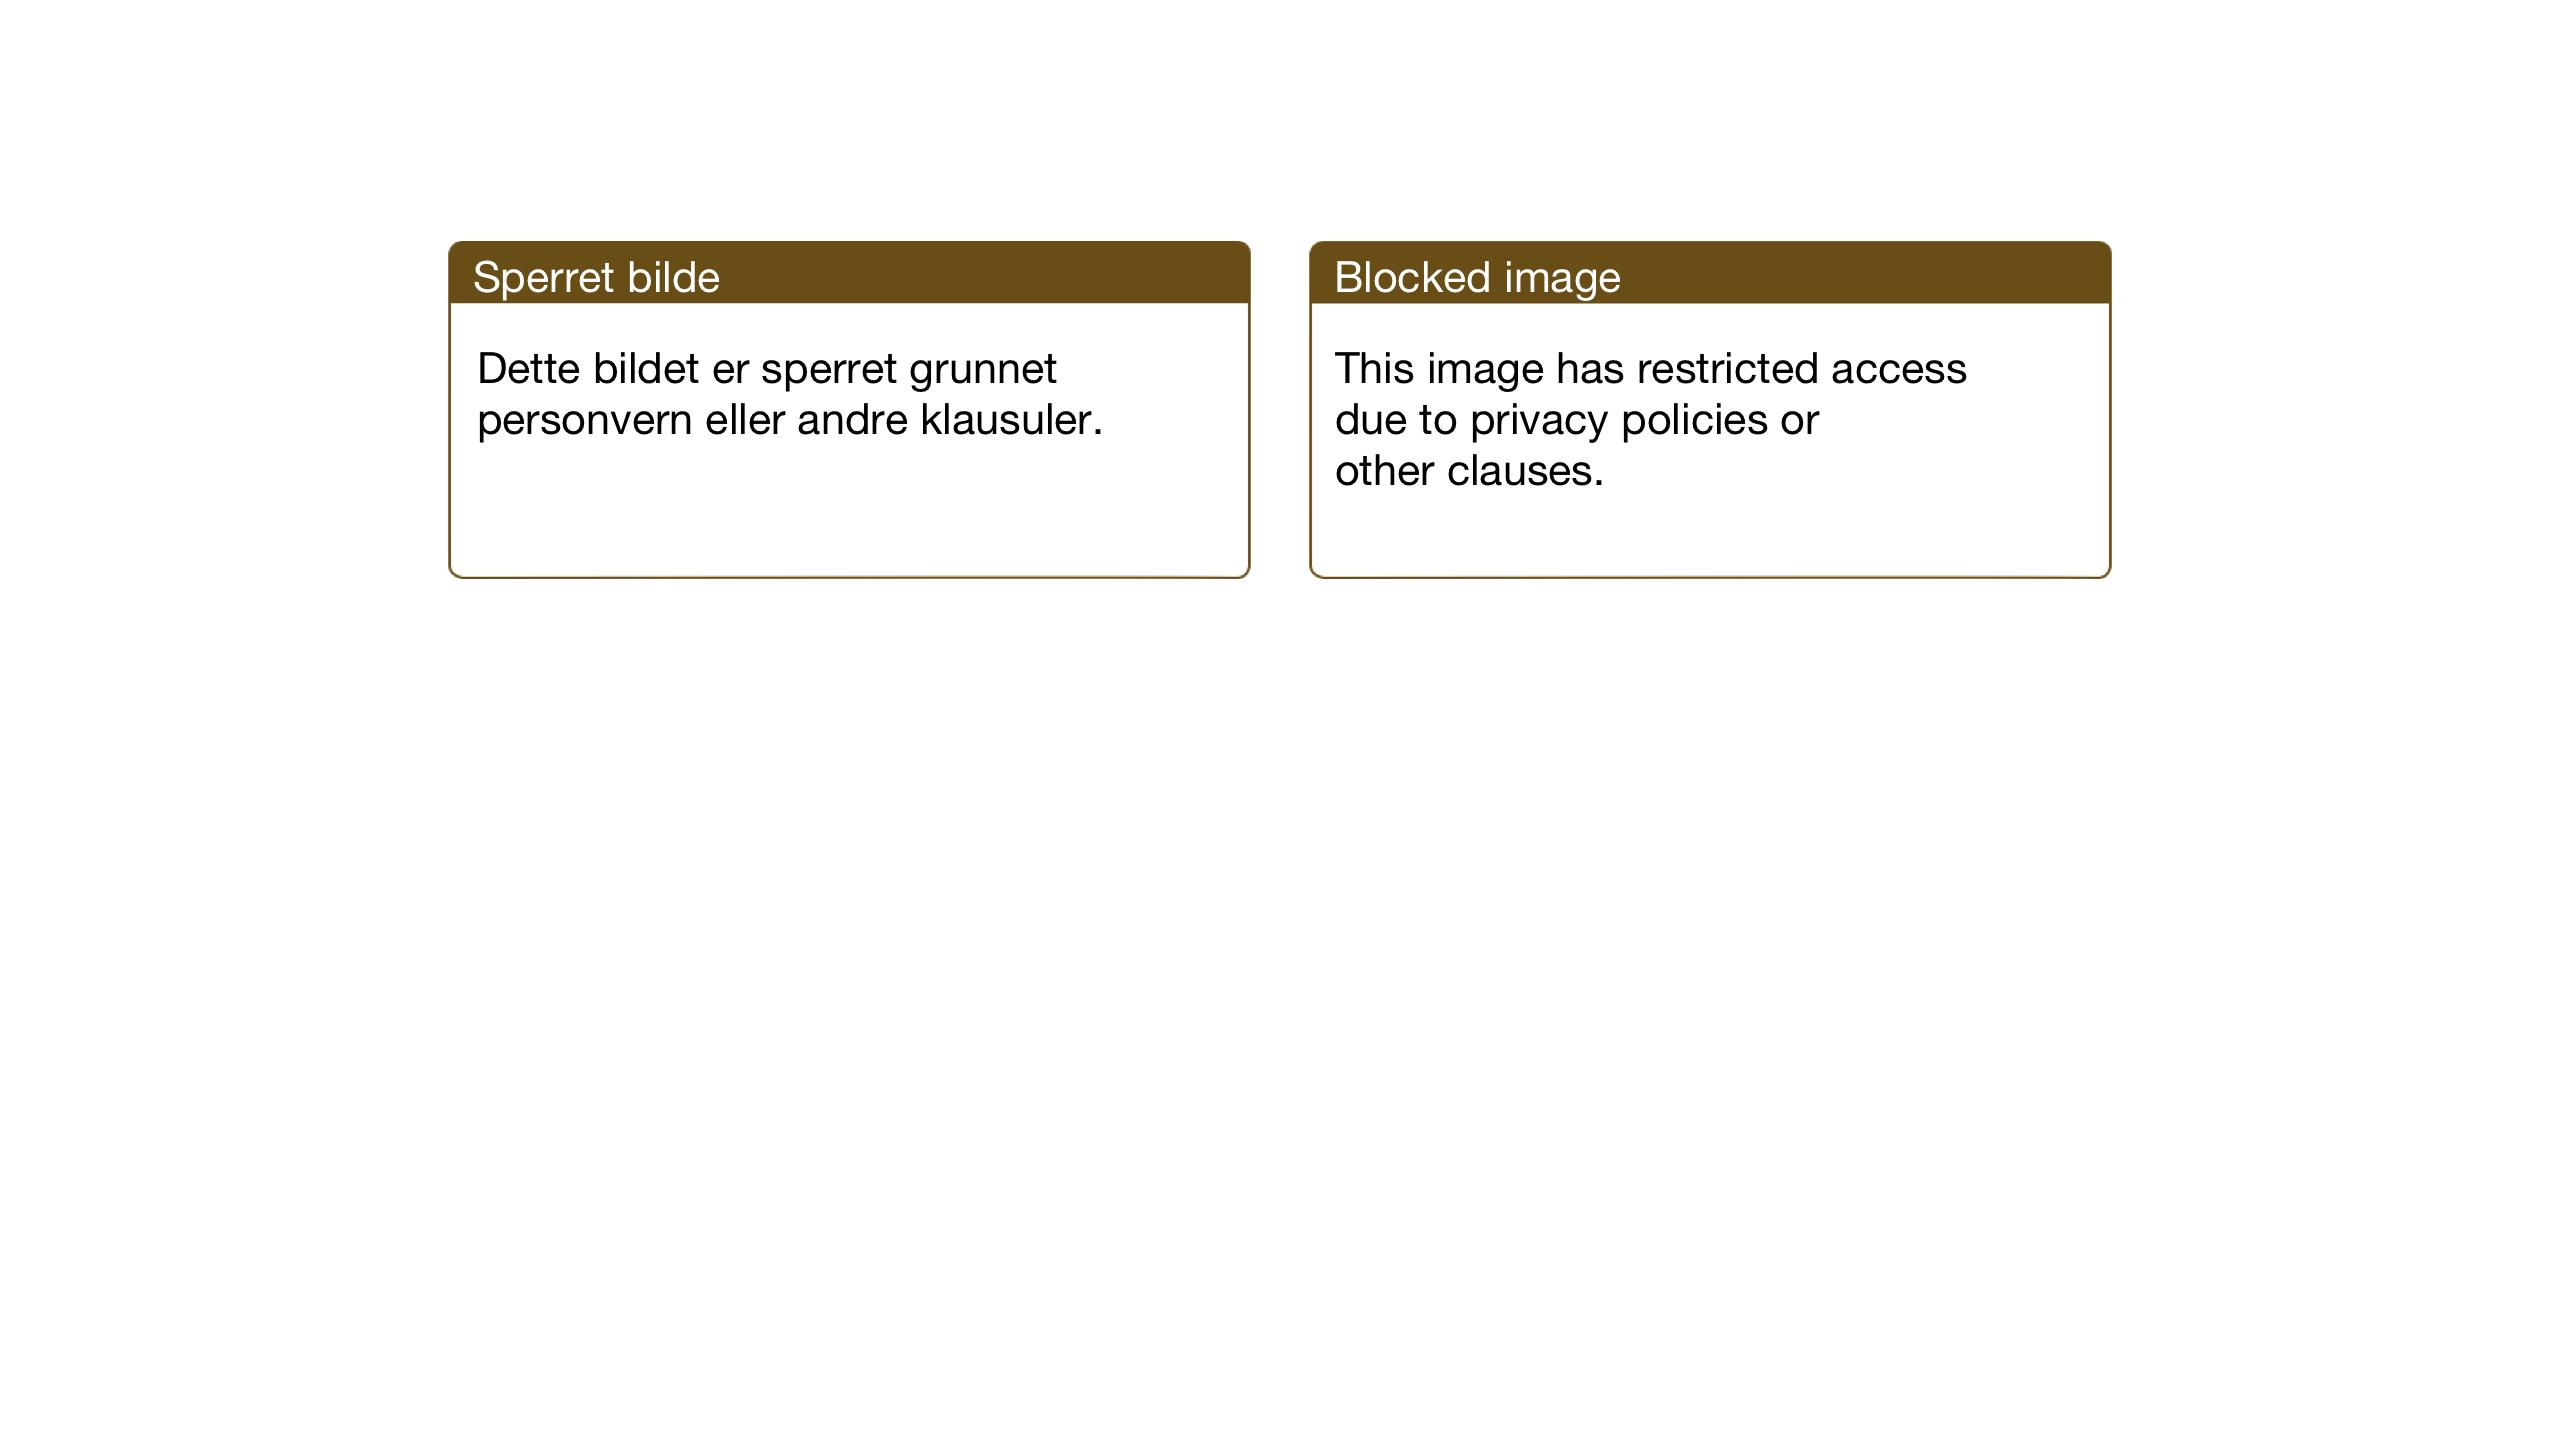 SAT, Ministerialprotokoller, klokkerbøker og fødselsregistre - Nord-Trøndelag, 784/L0678: Ministerialbok nr. 784A13, 1921-1938, s. 76